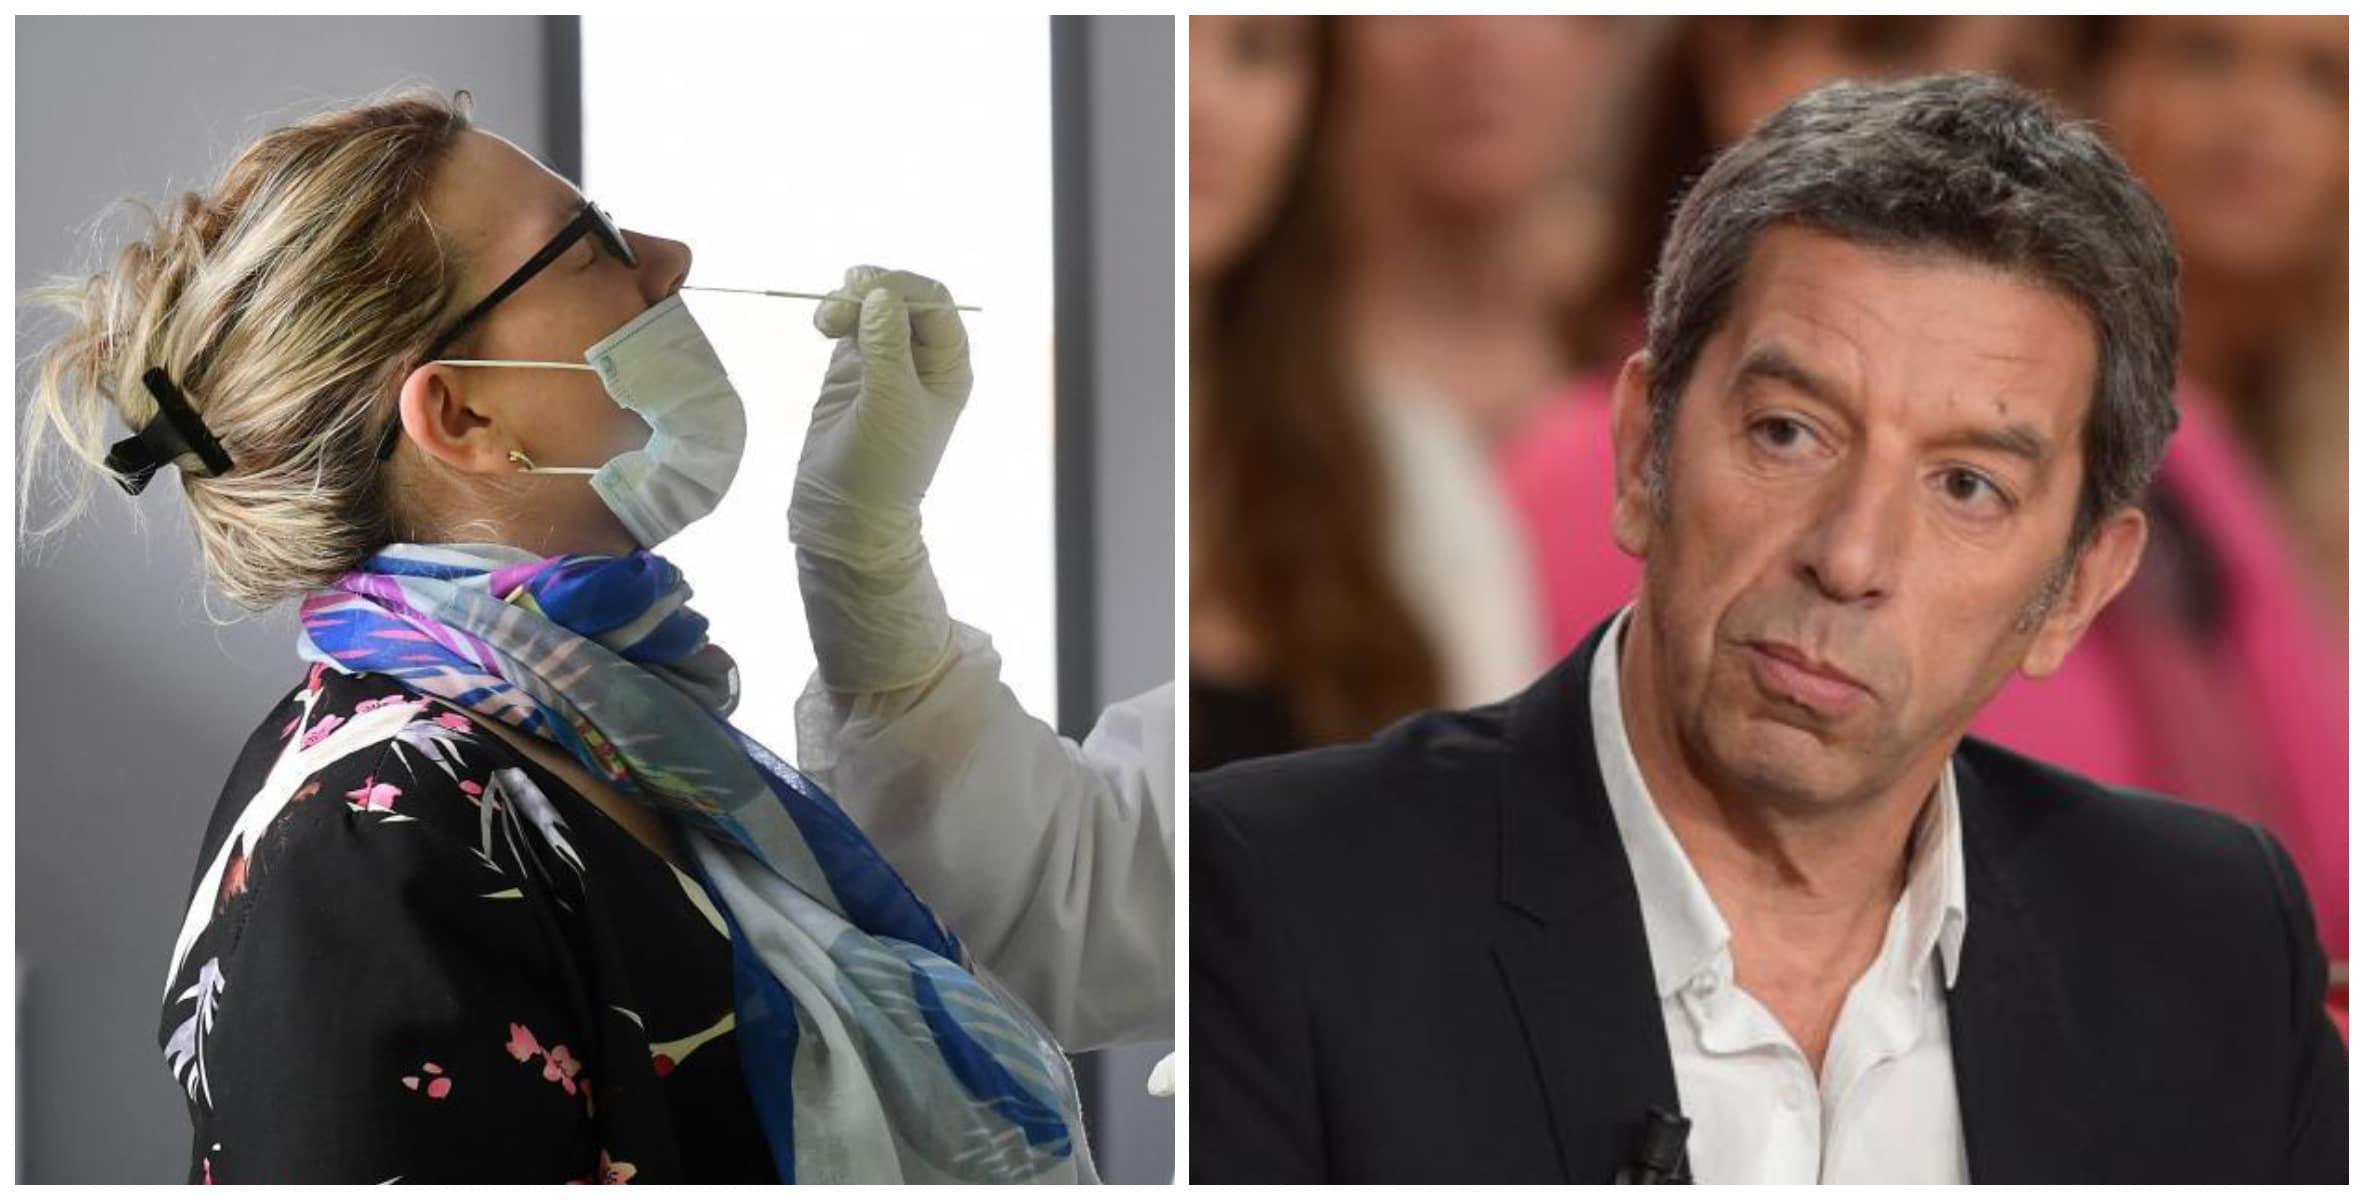 Covid-19 : Michel Cymes explique pourquoi certains sont contaminés et d'autres pas